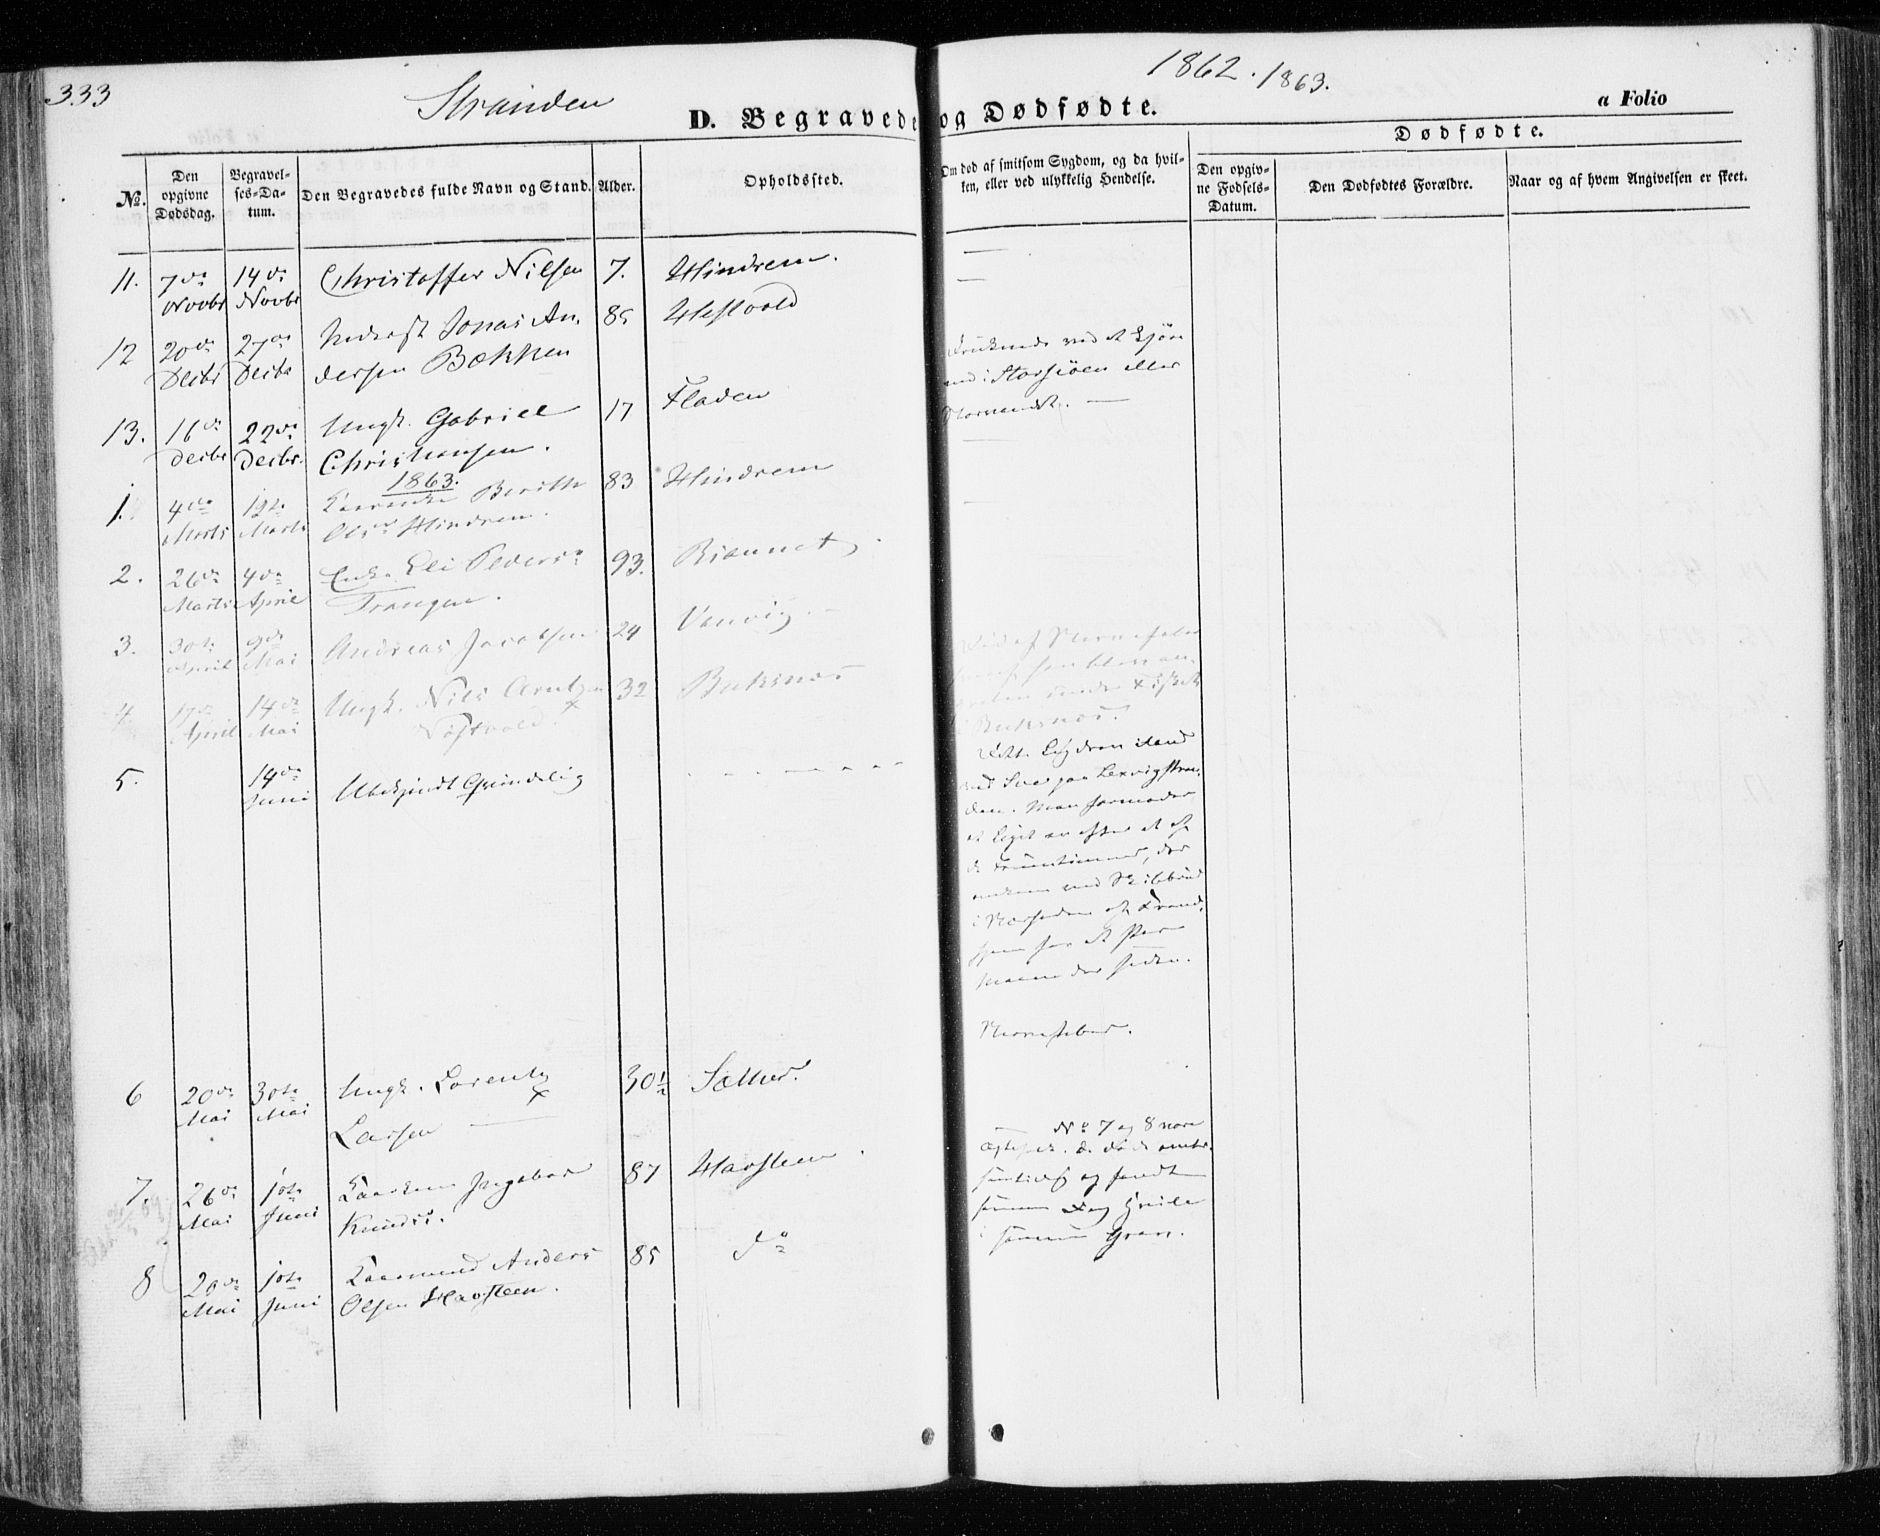 SAT, Ministerialprotokoller, klokkerbøker og fødselsregistre - Nord-Trøndelag, 701/L0008: Ministerialbok nr. 701A08 /2, 1854-1863, s. 333